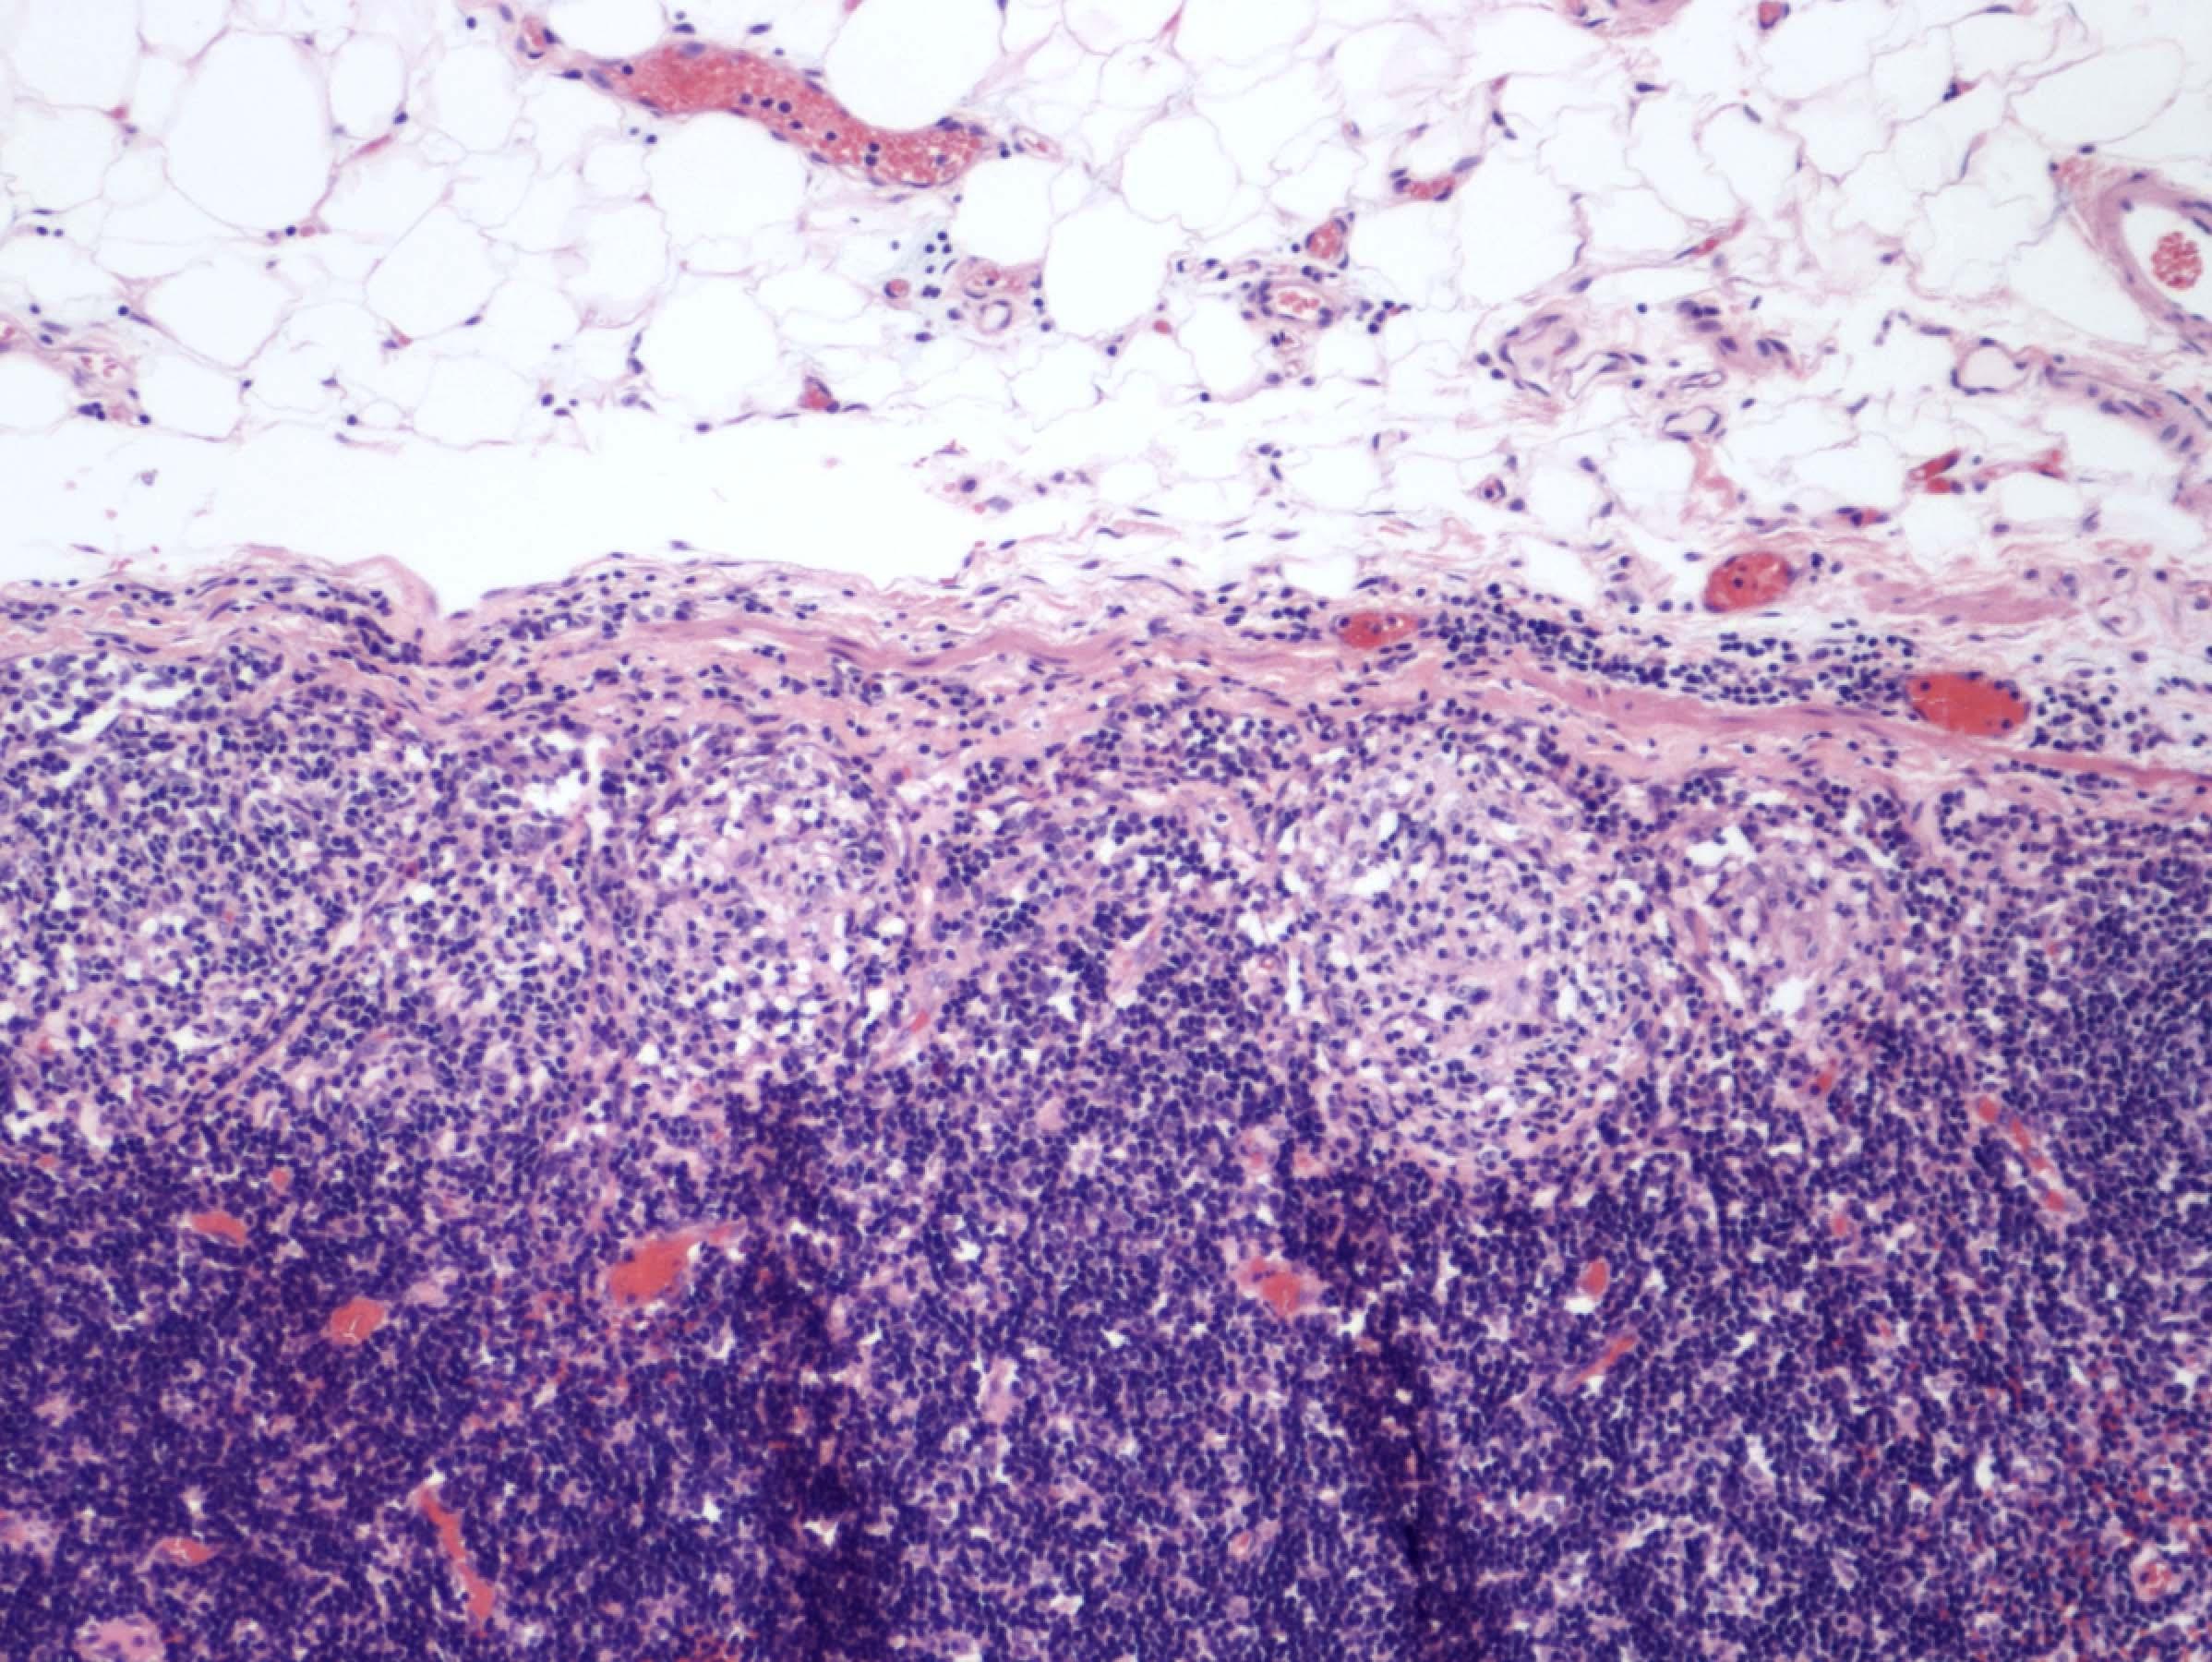 Granuloma, pericolonic lymph node